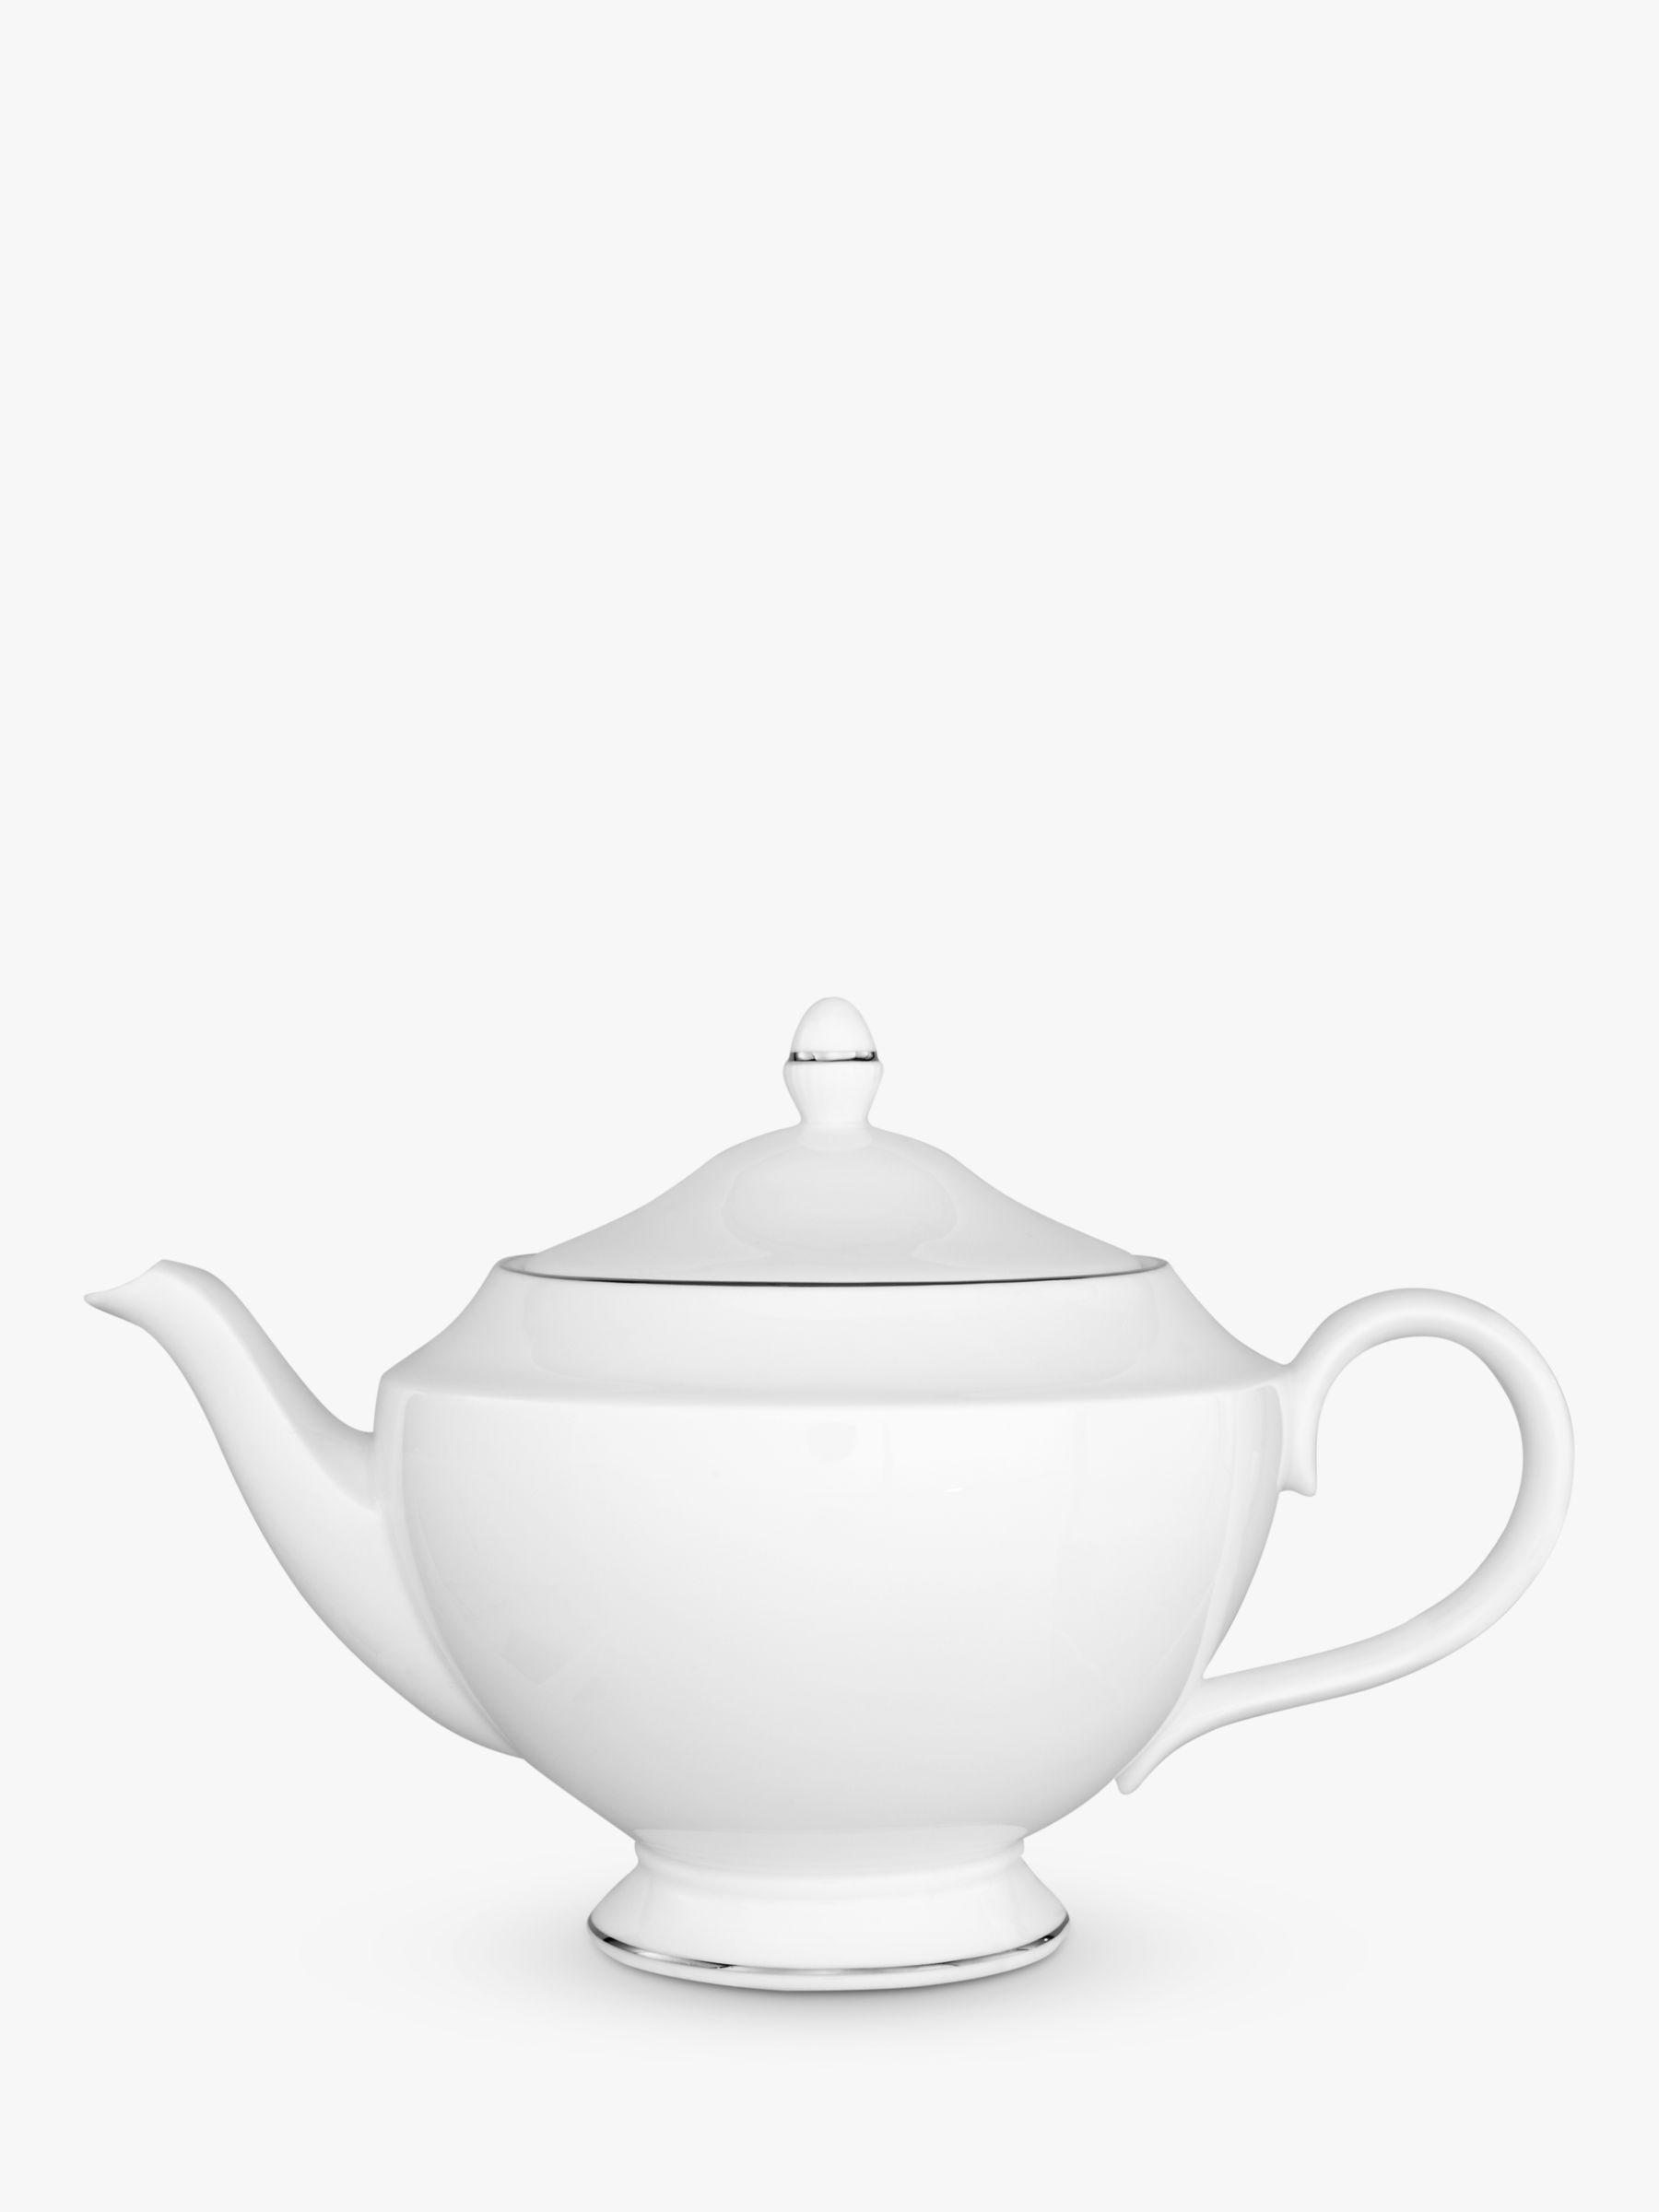 Wedgwood Wedgwood Signet Platinum Teapot, 1.2L